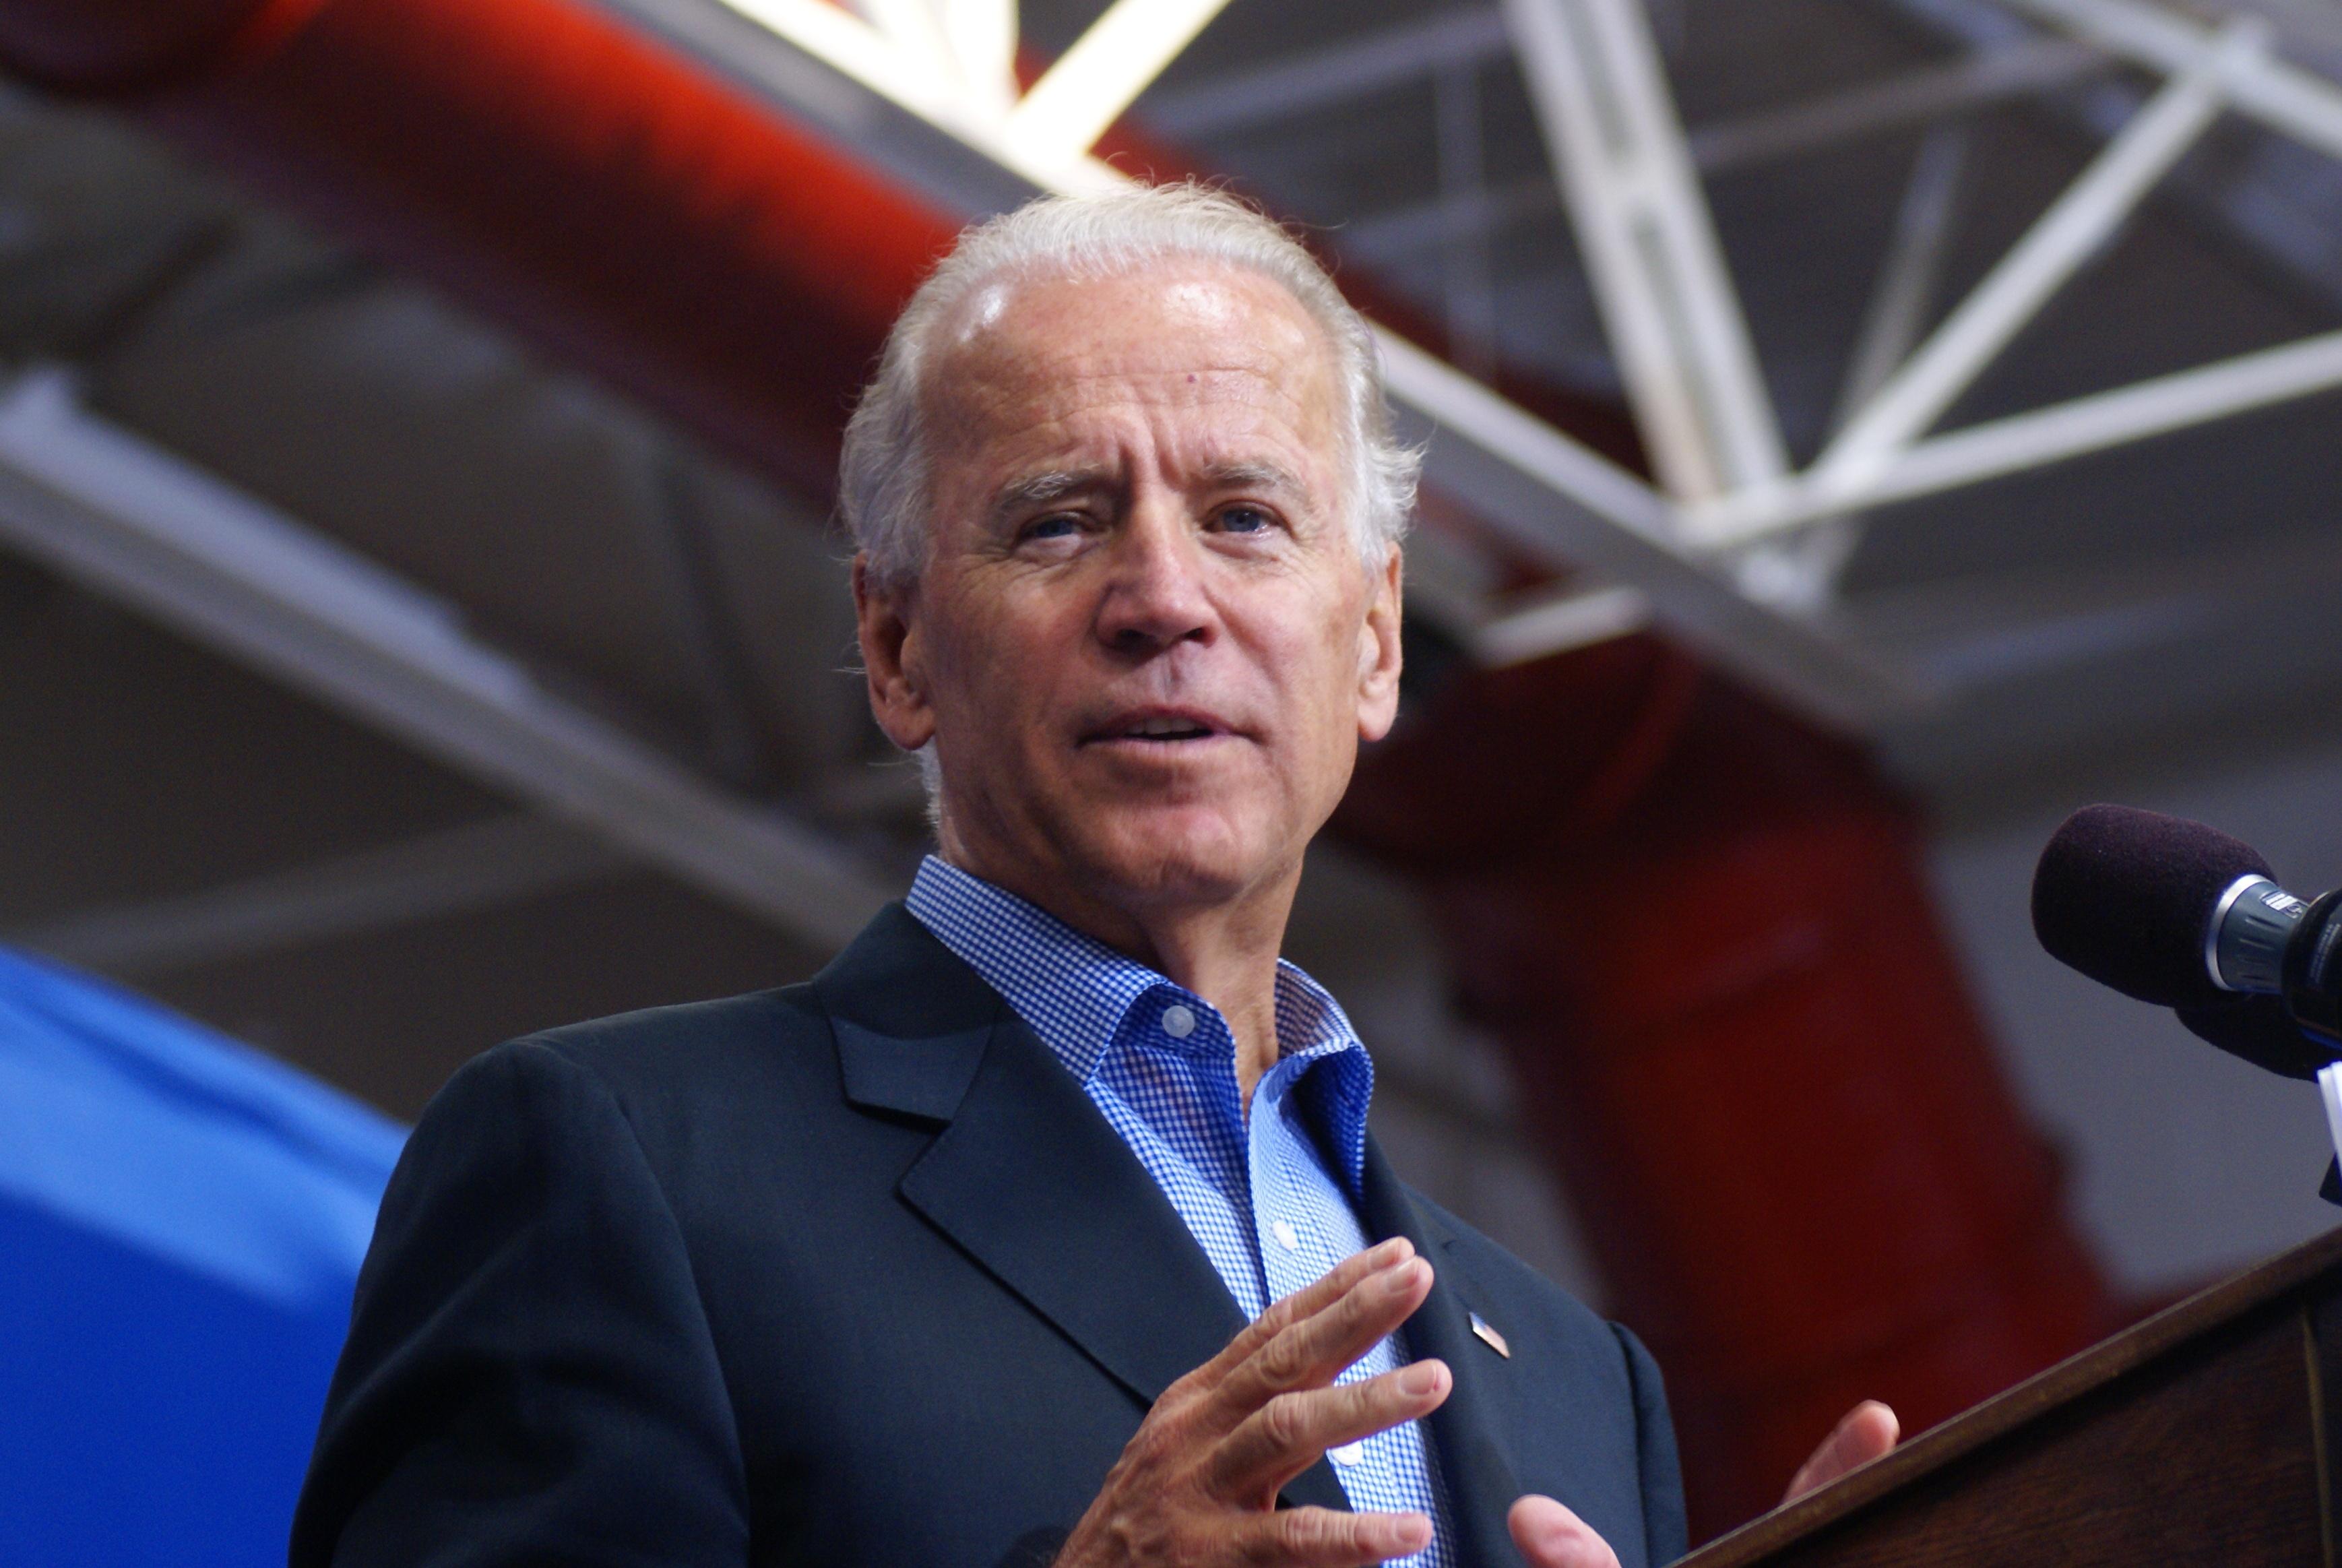 Joe Biden speaking in New Hampshire